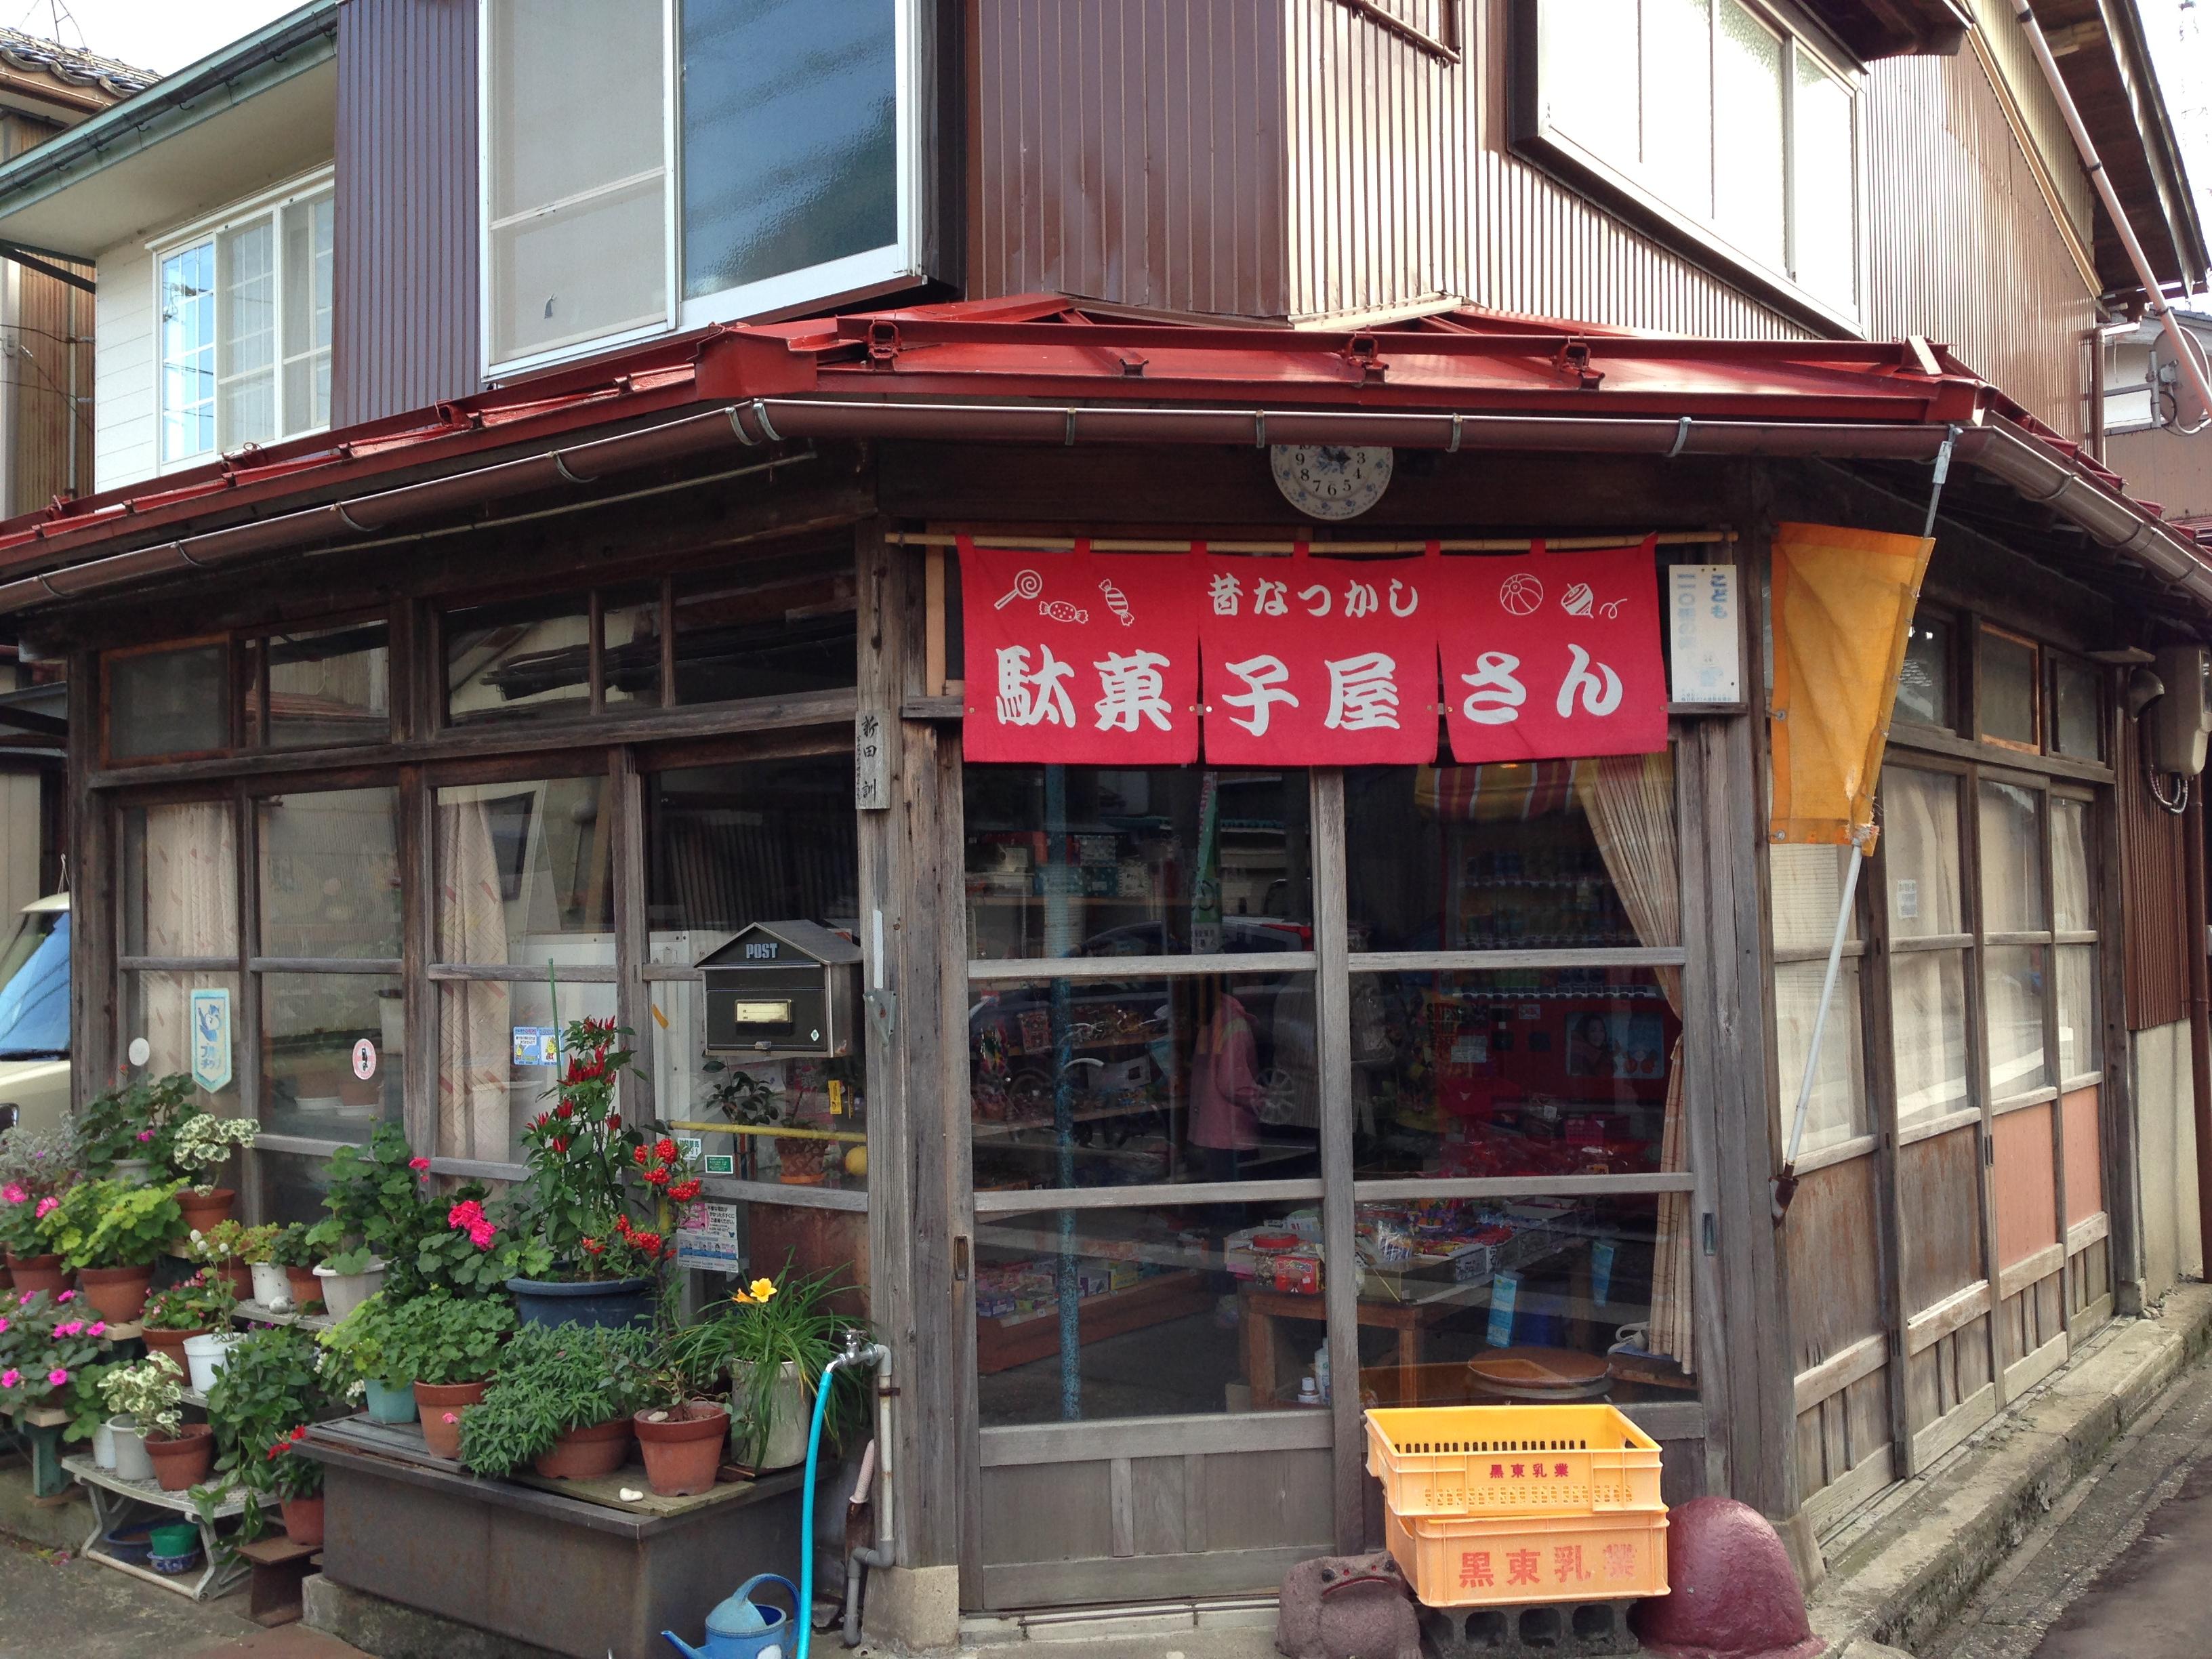 新田駄菓子屋